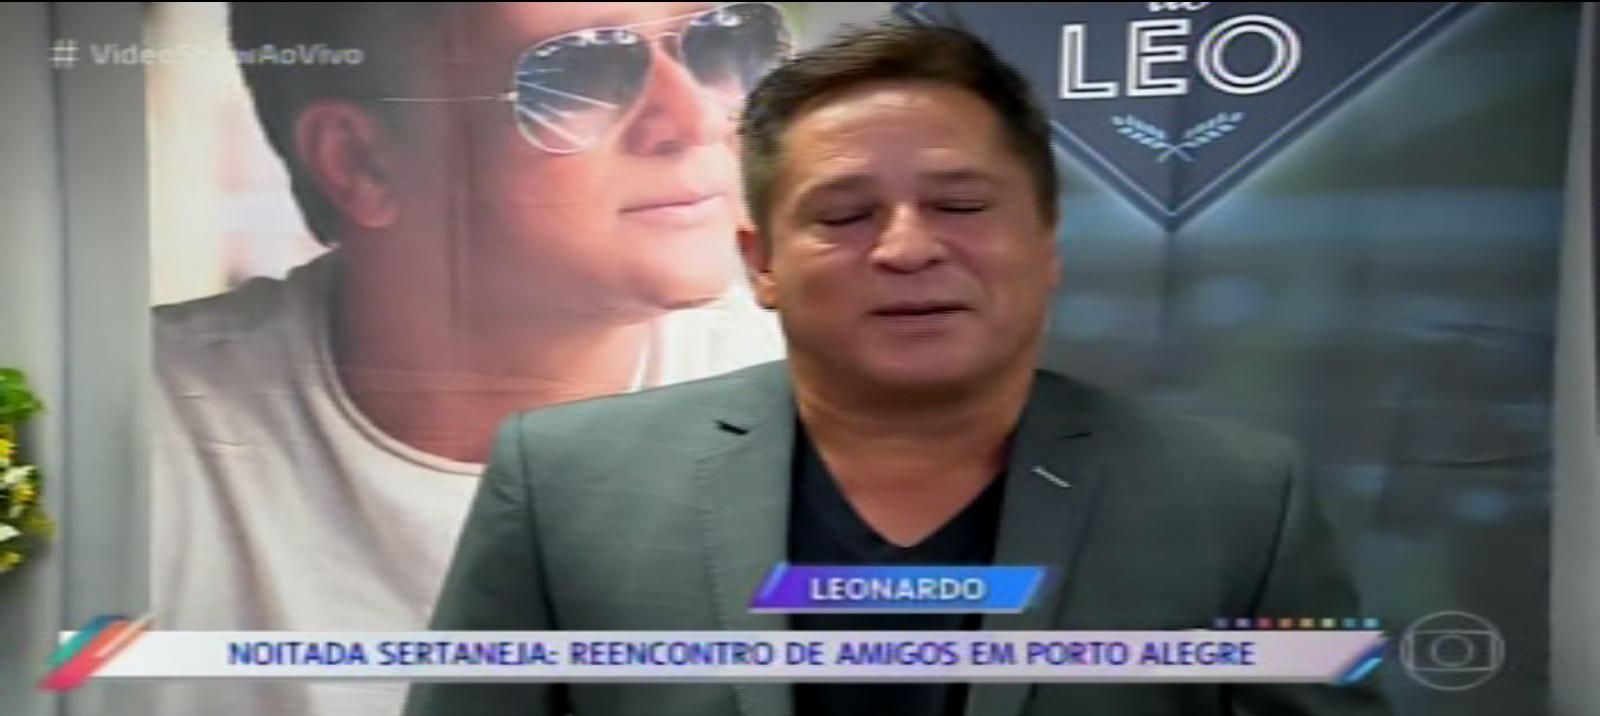 MATÉRIA do Leonardo e amigos programa vídeo show em Porto Alegre 23 4 2018